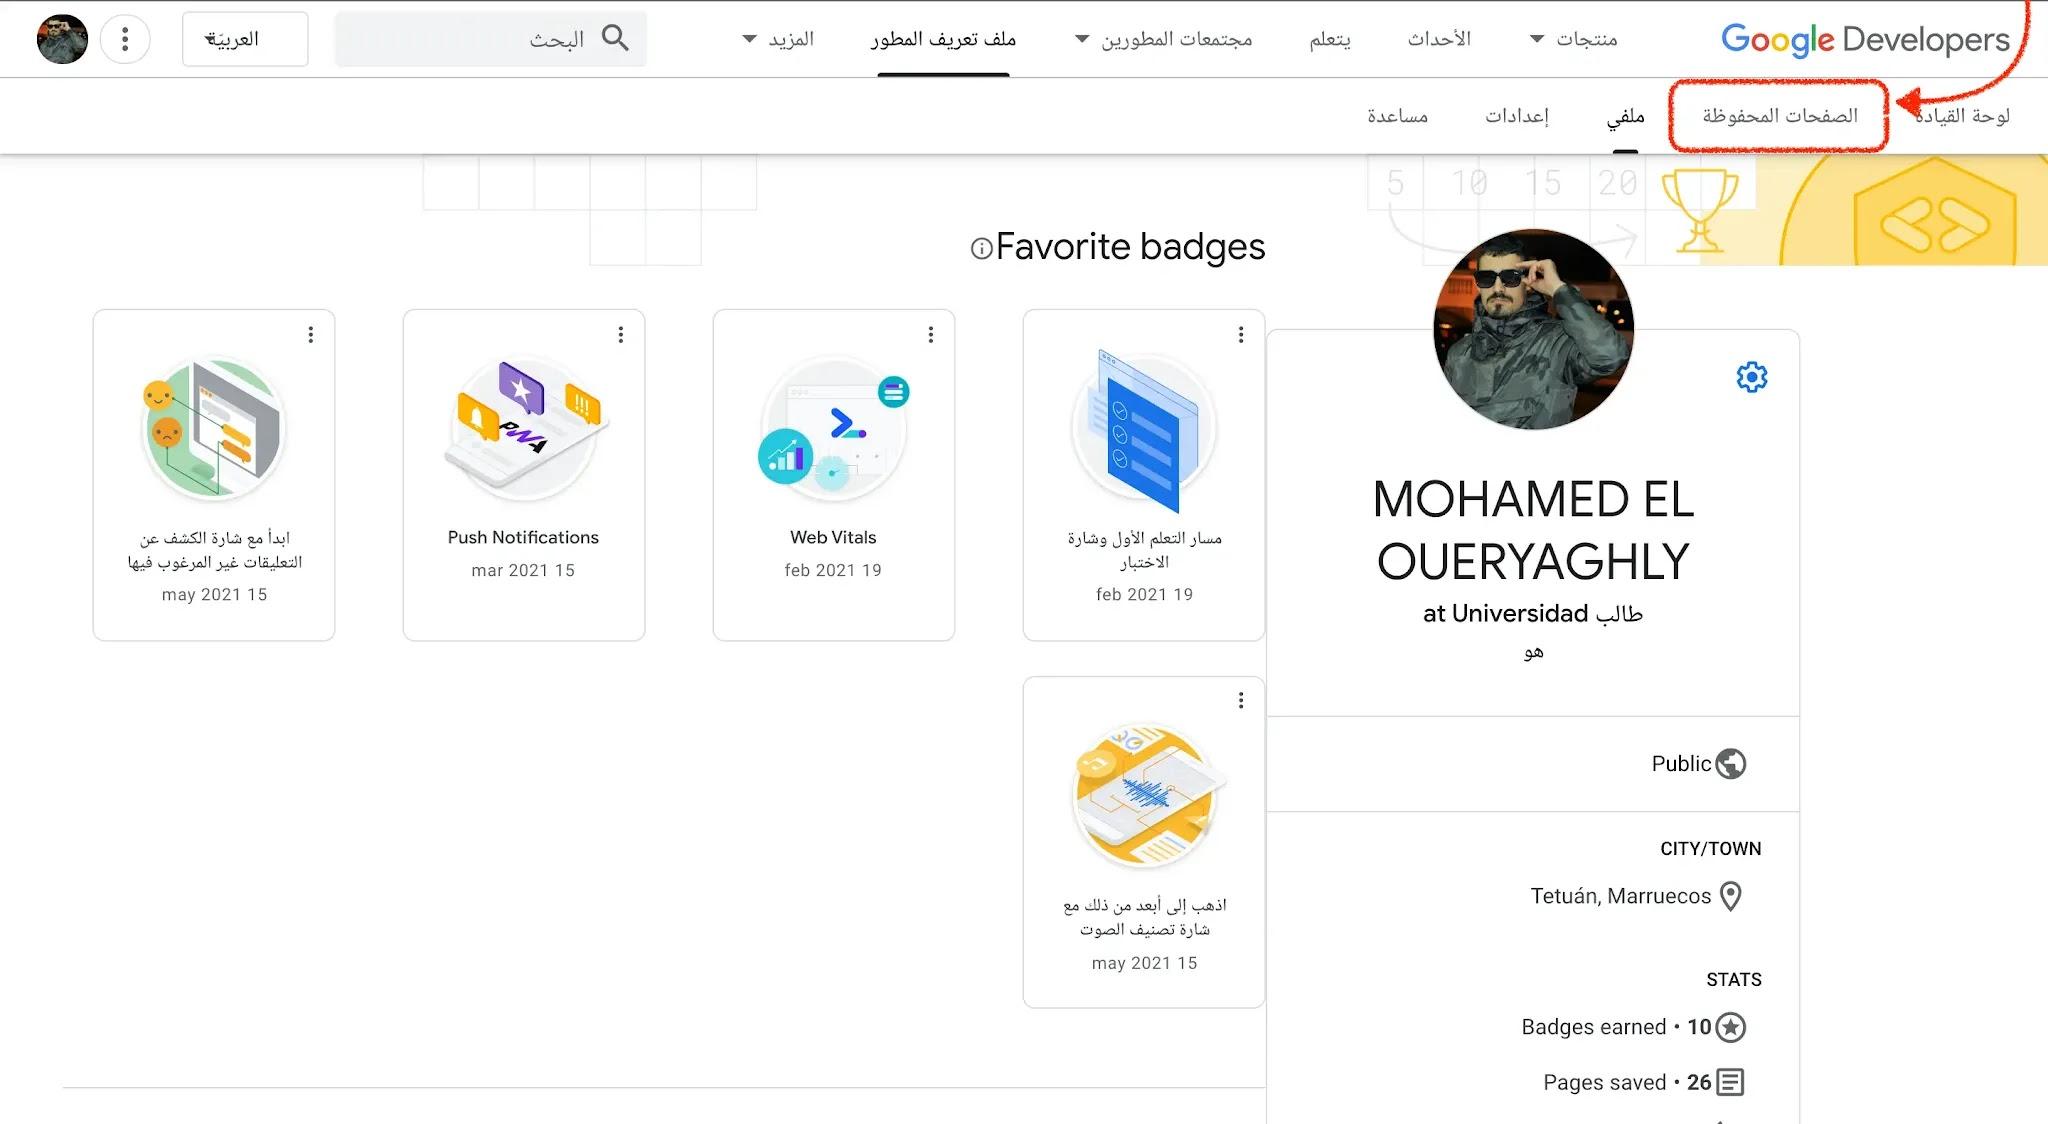 زر الوصول إلى الصّفحات المحفوظة في مطوّري Google